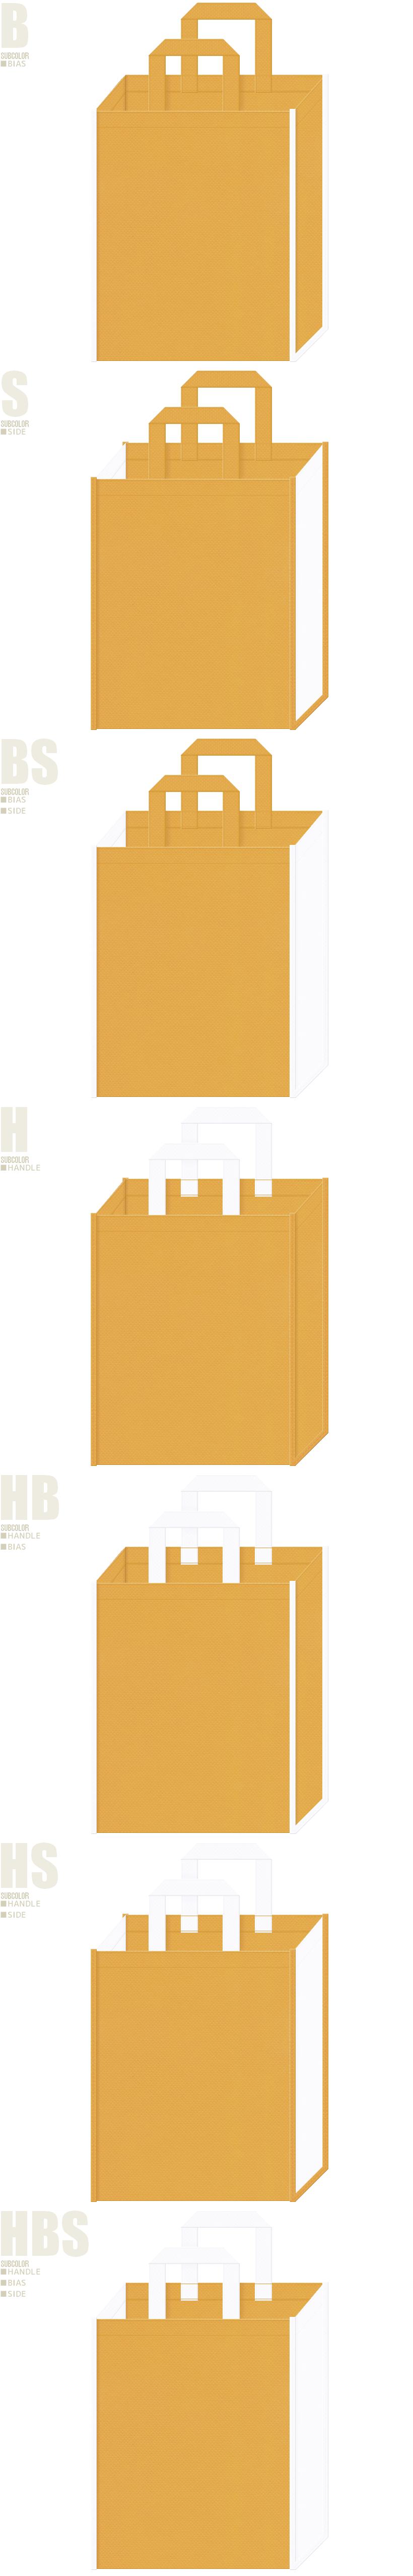 不織布バッグのデザイン:黄土色と白色の配色7パターン